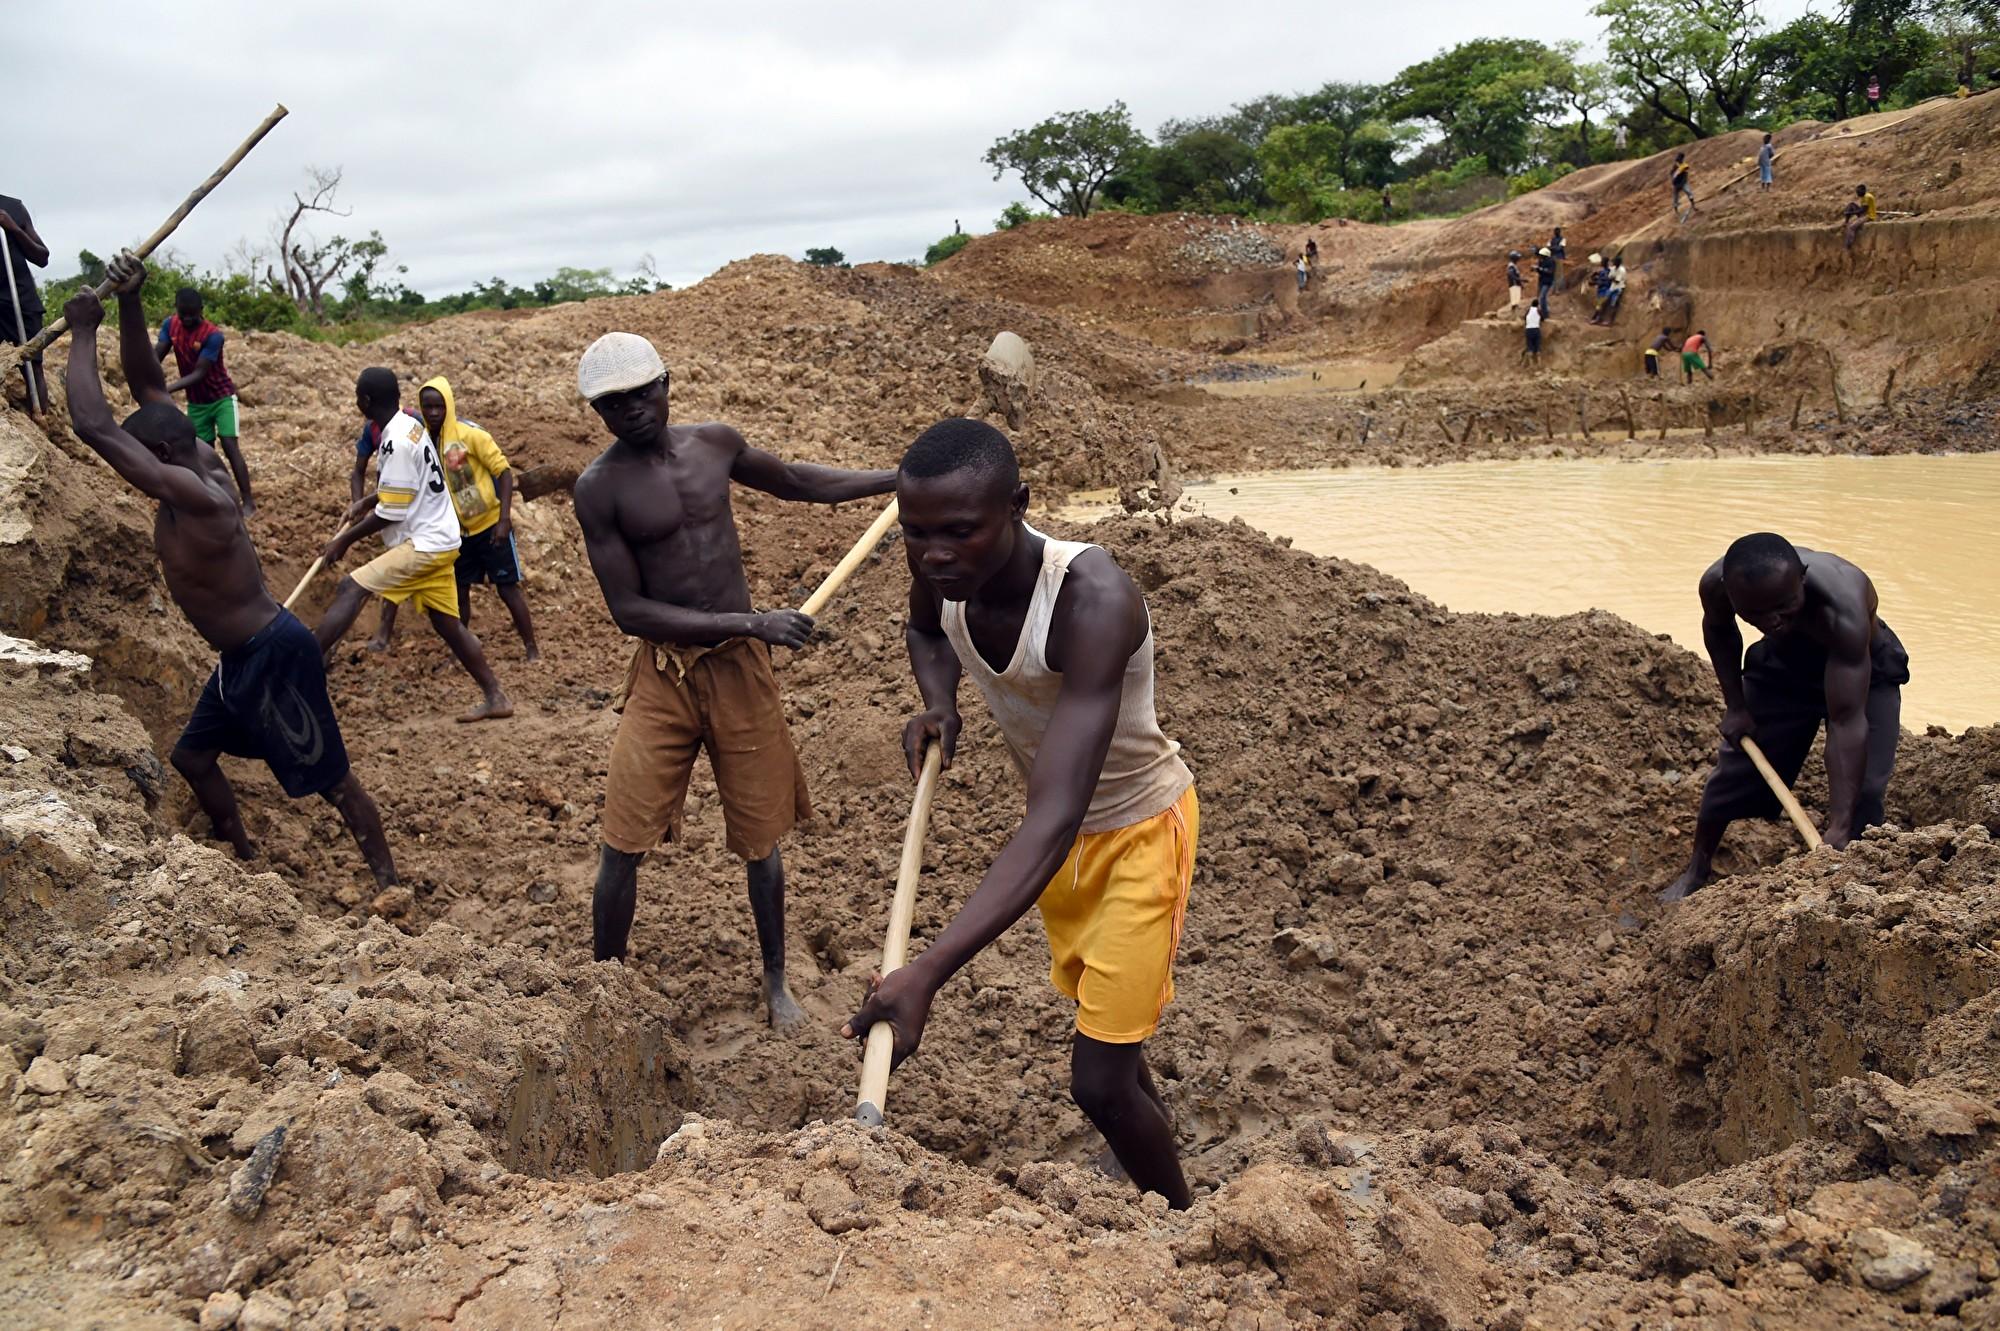 中共在中非挖金礦造成生態災難 被要求關閉